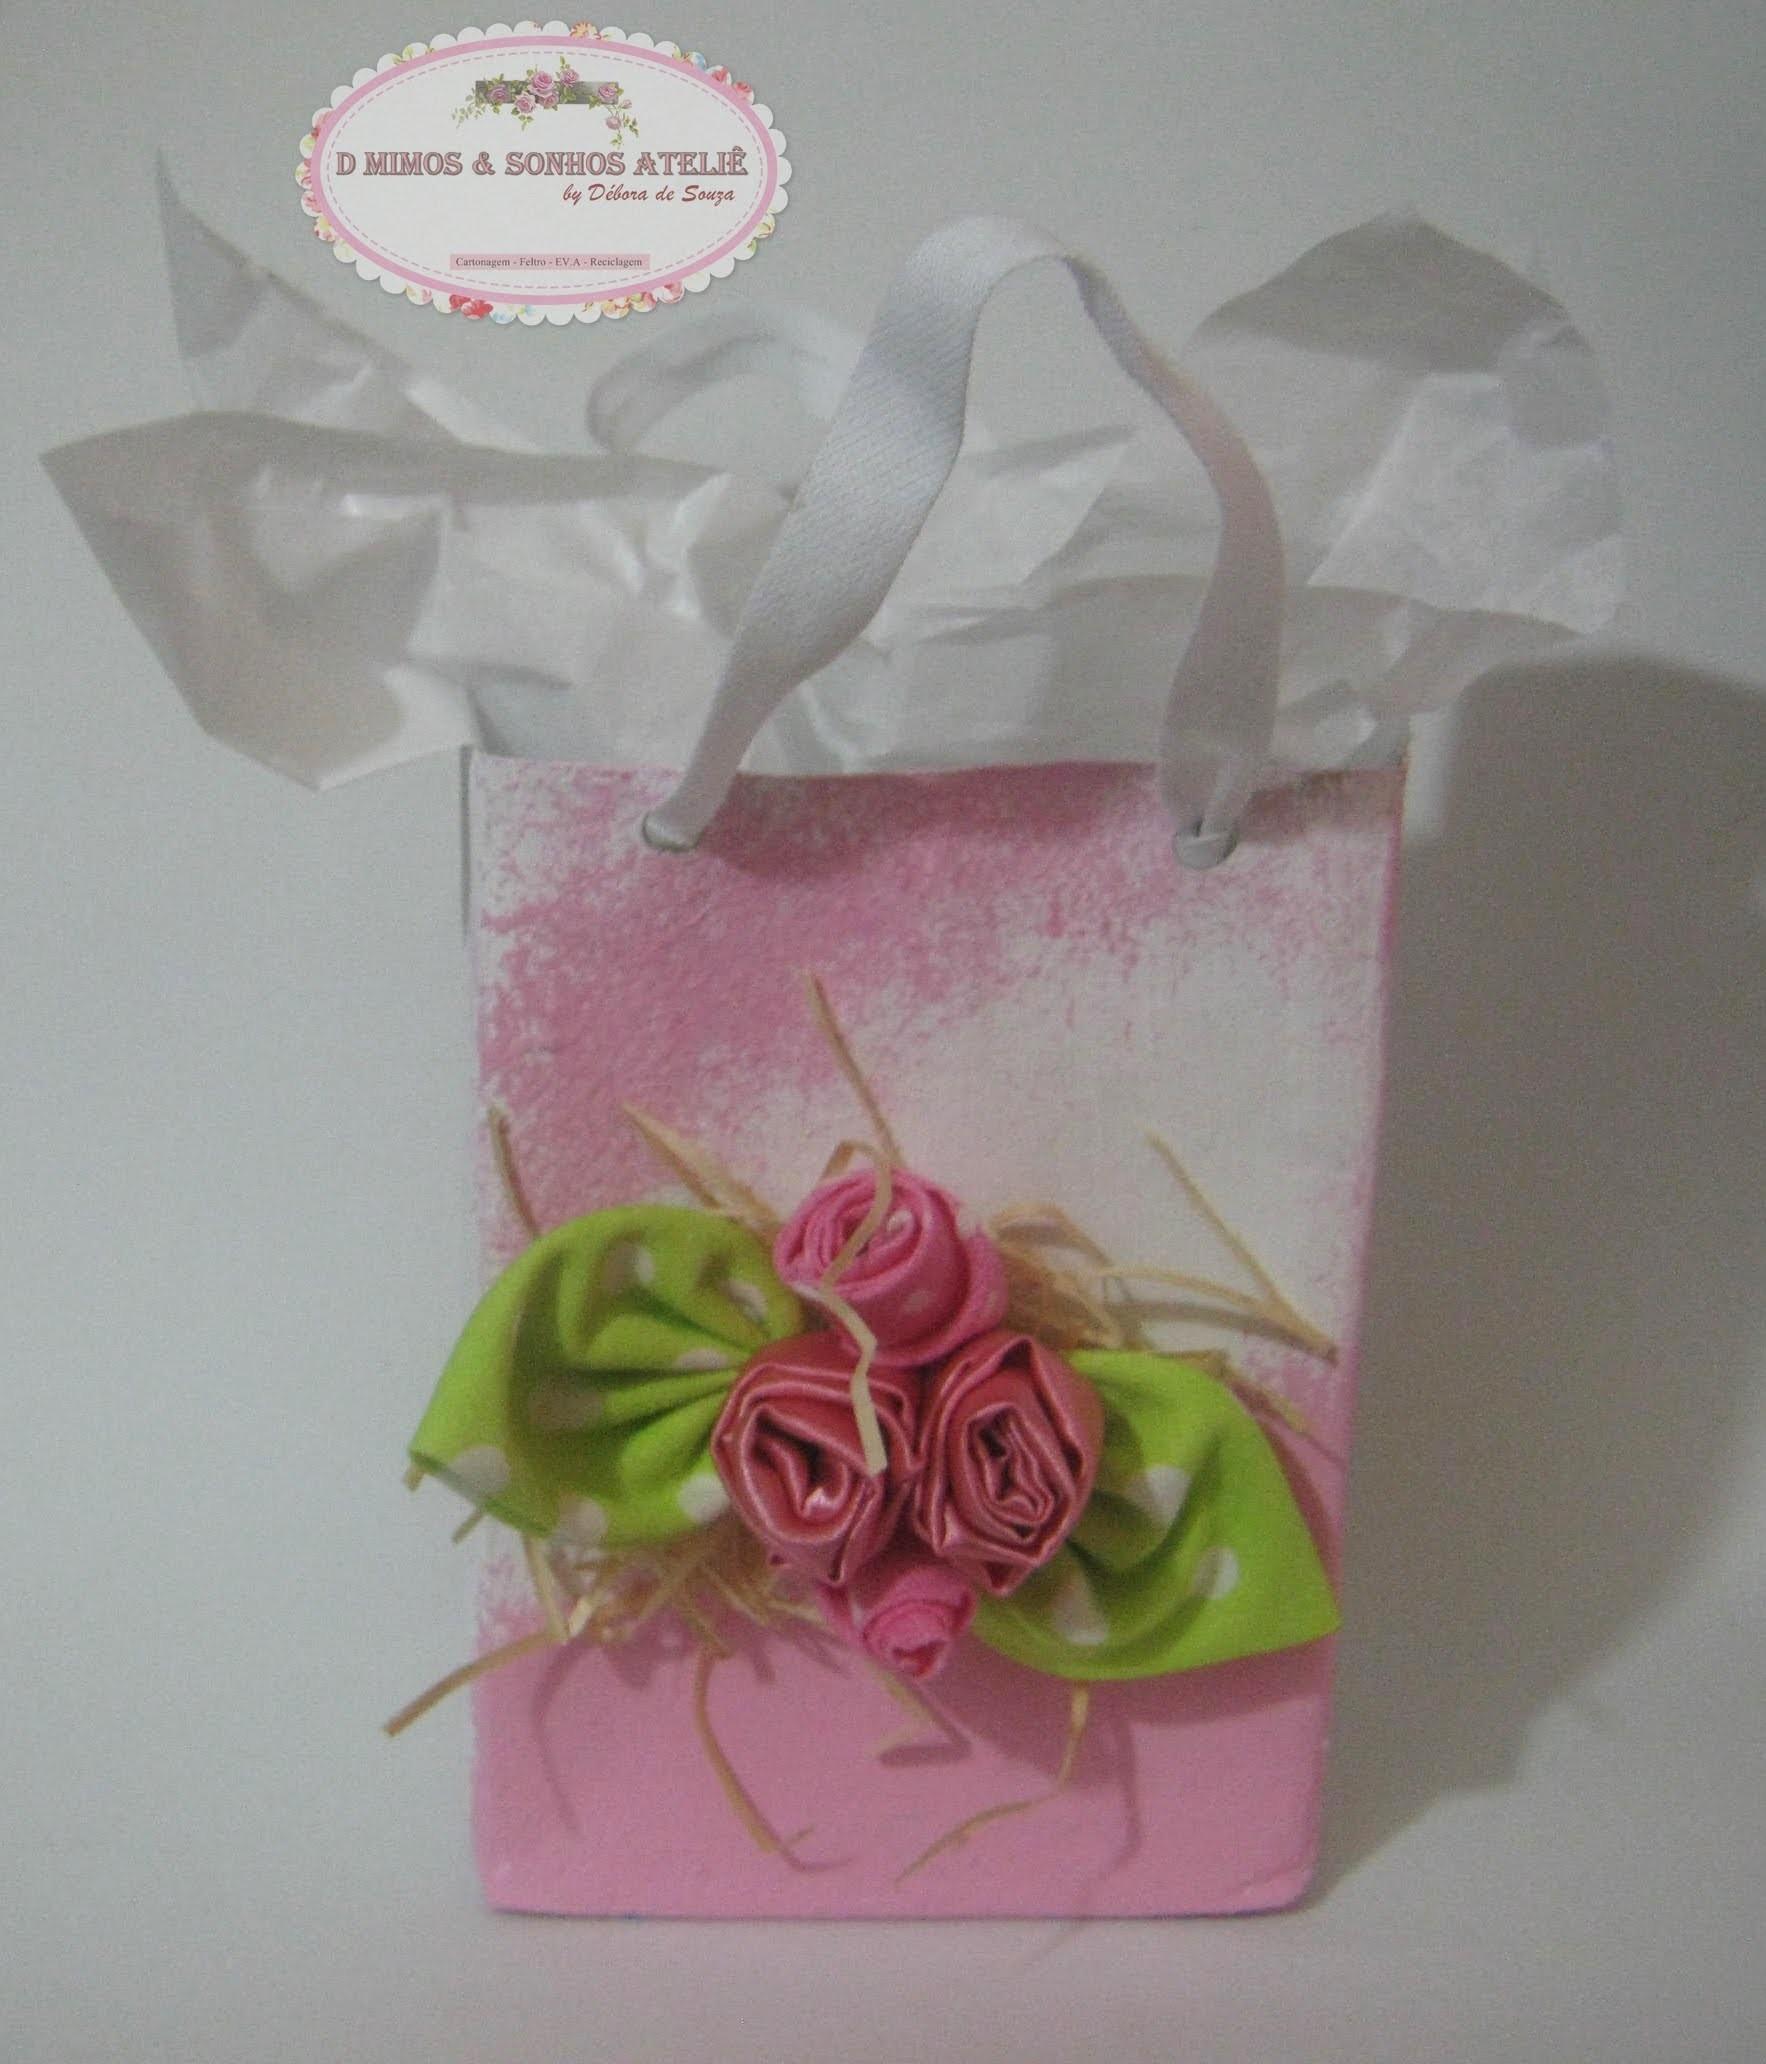 Sacola para presente ou lembrancinha (Recycled Gift Bag)